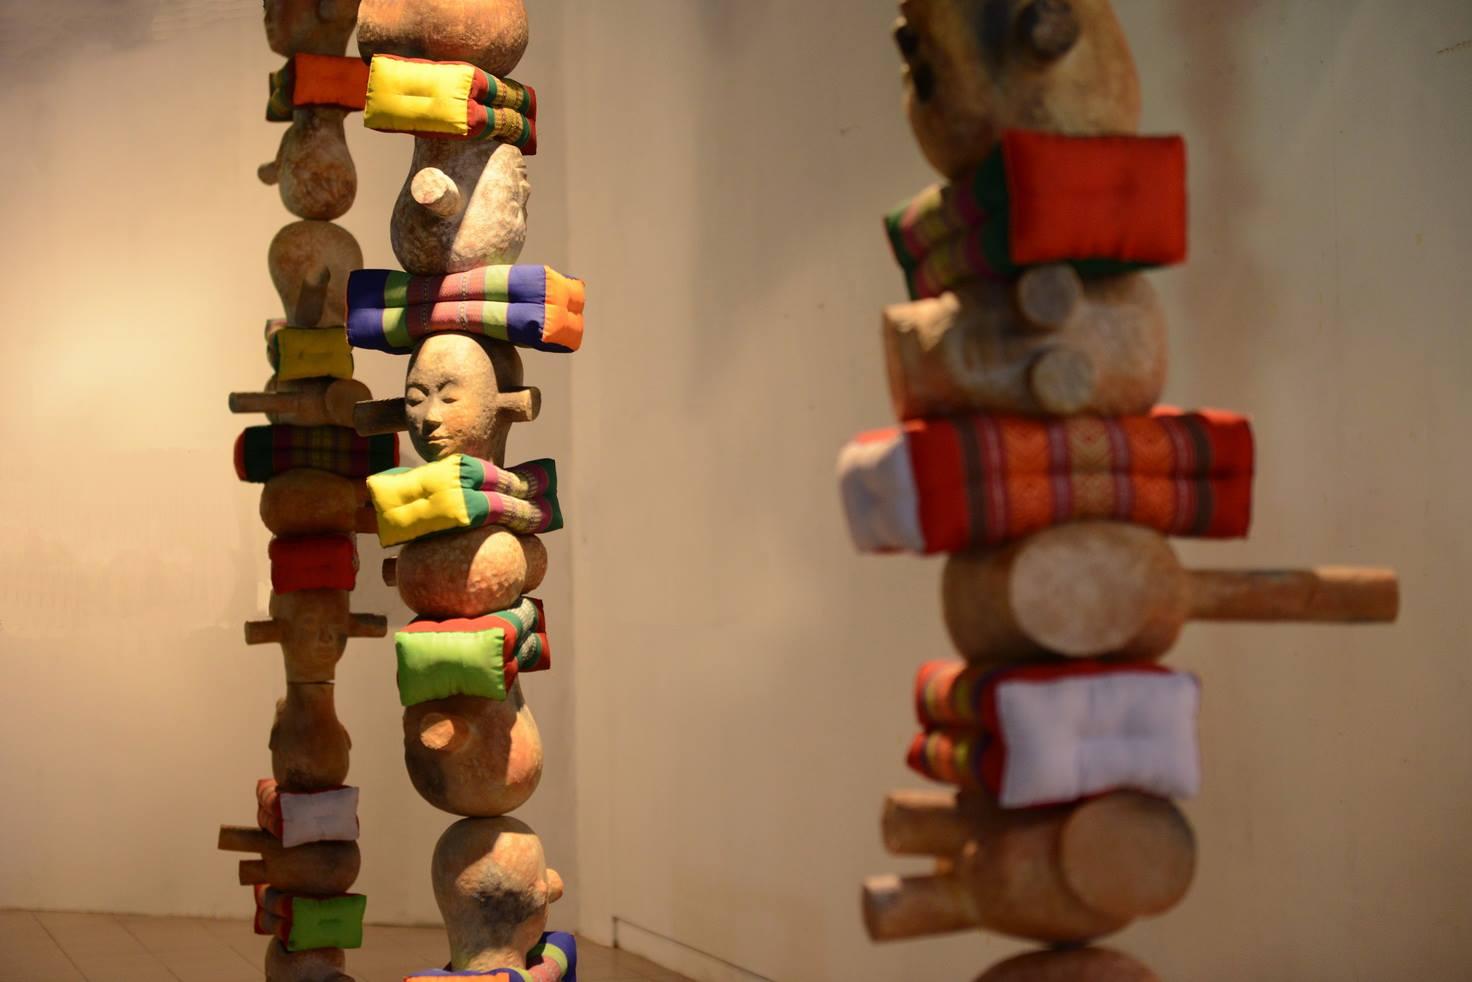 ศิลปกรรม 5 ศิลปิน : Behind 5 Artists